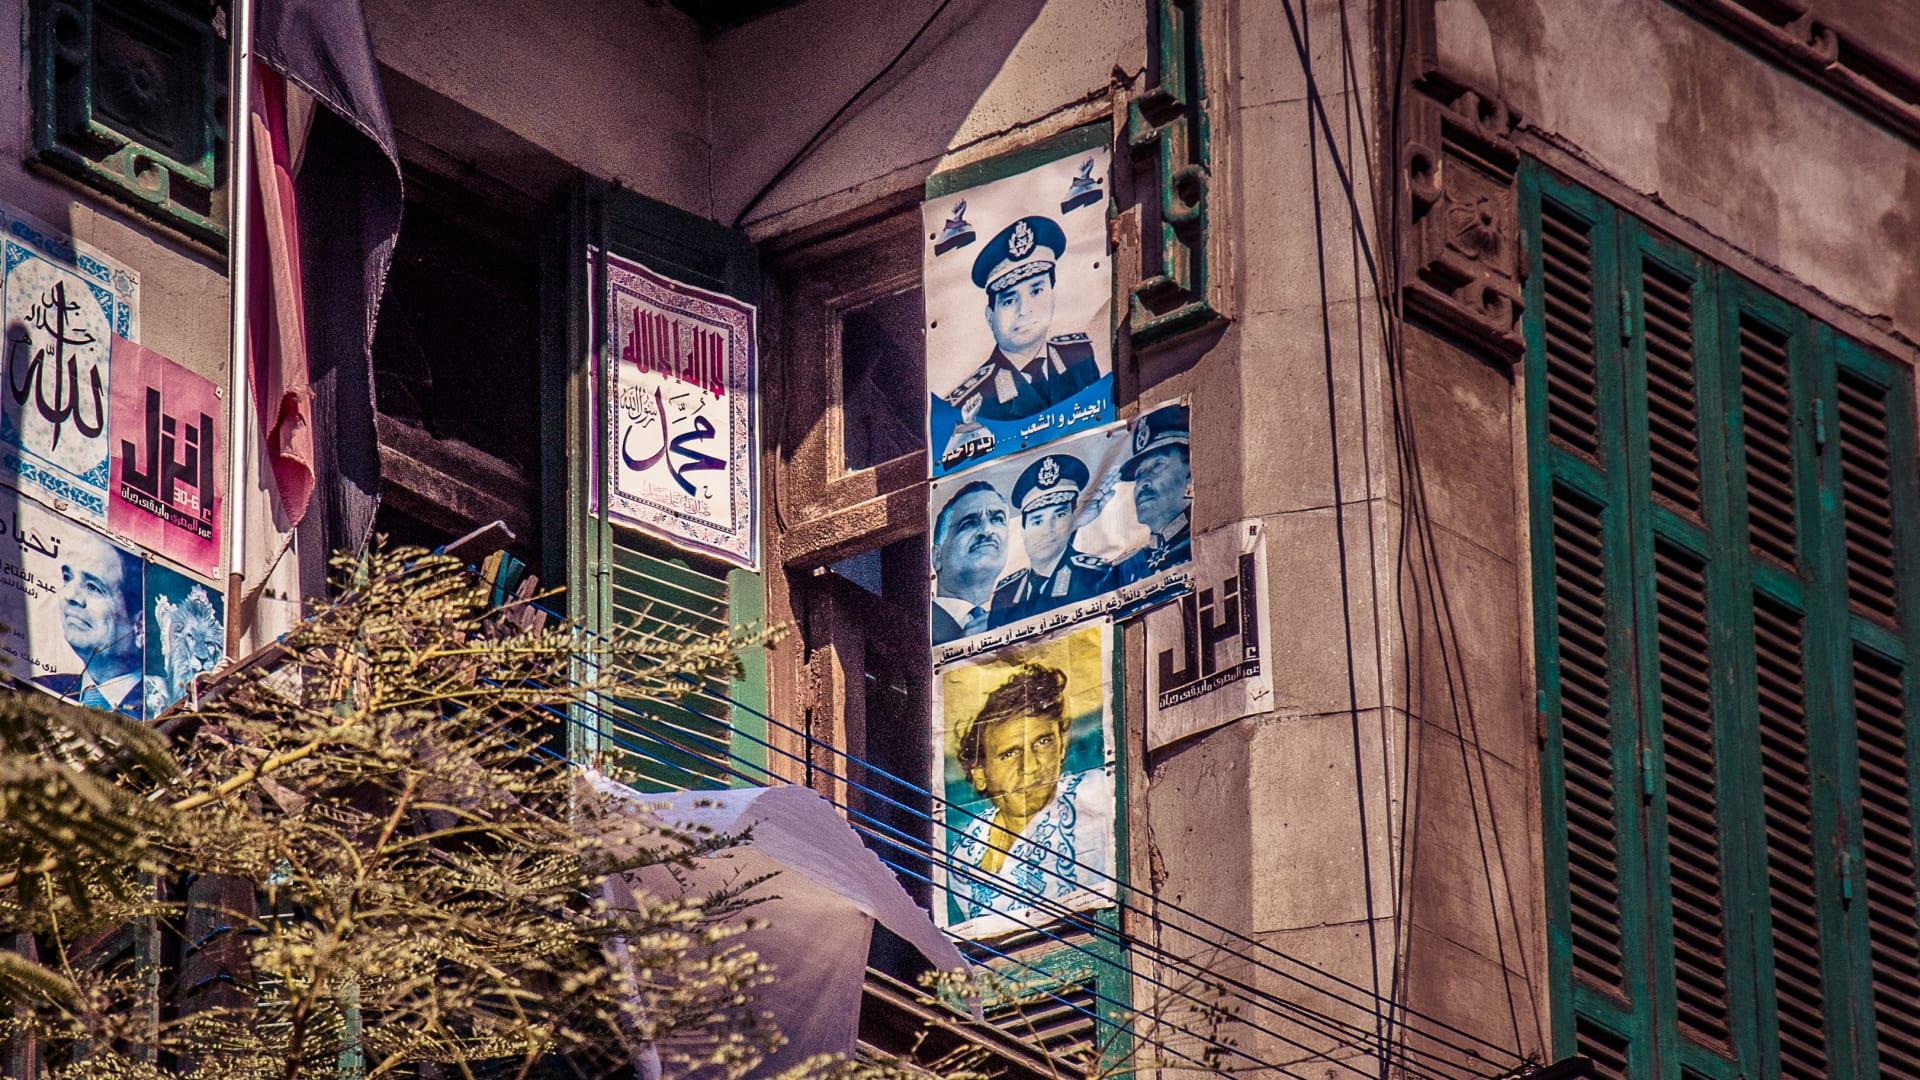 بالصور.. بلكونات تروي حكايات الشعب المصري